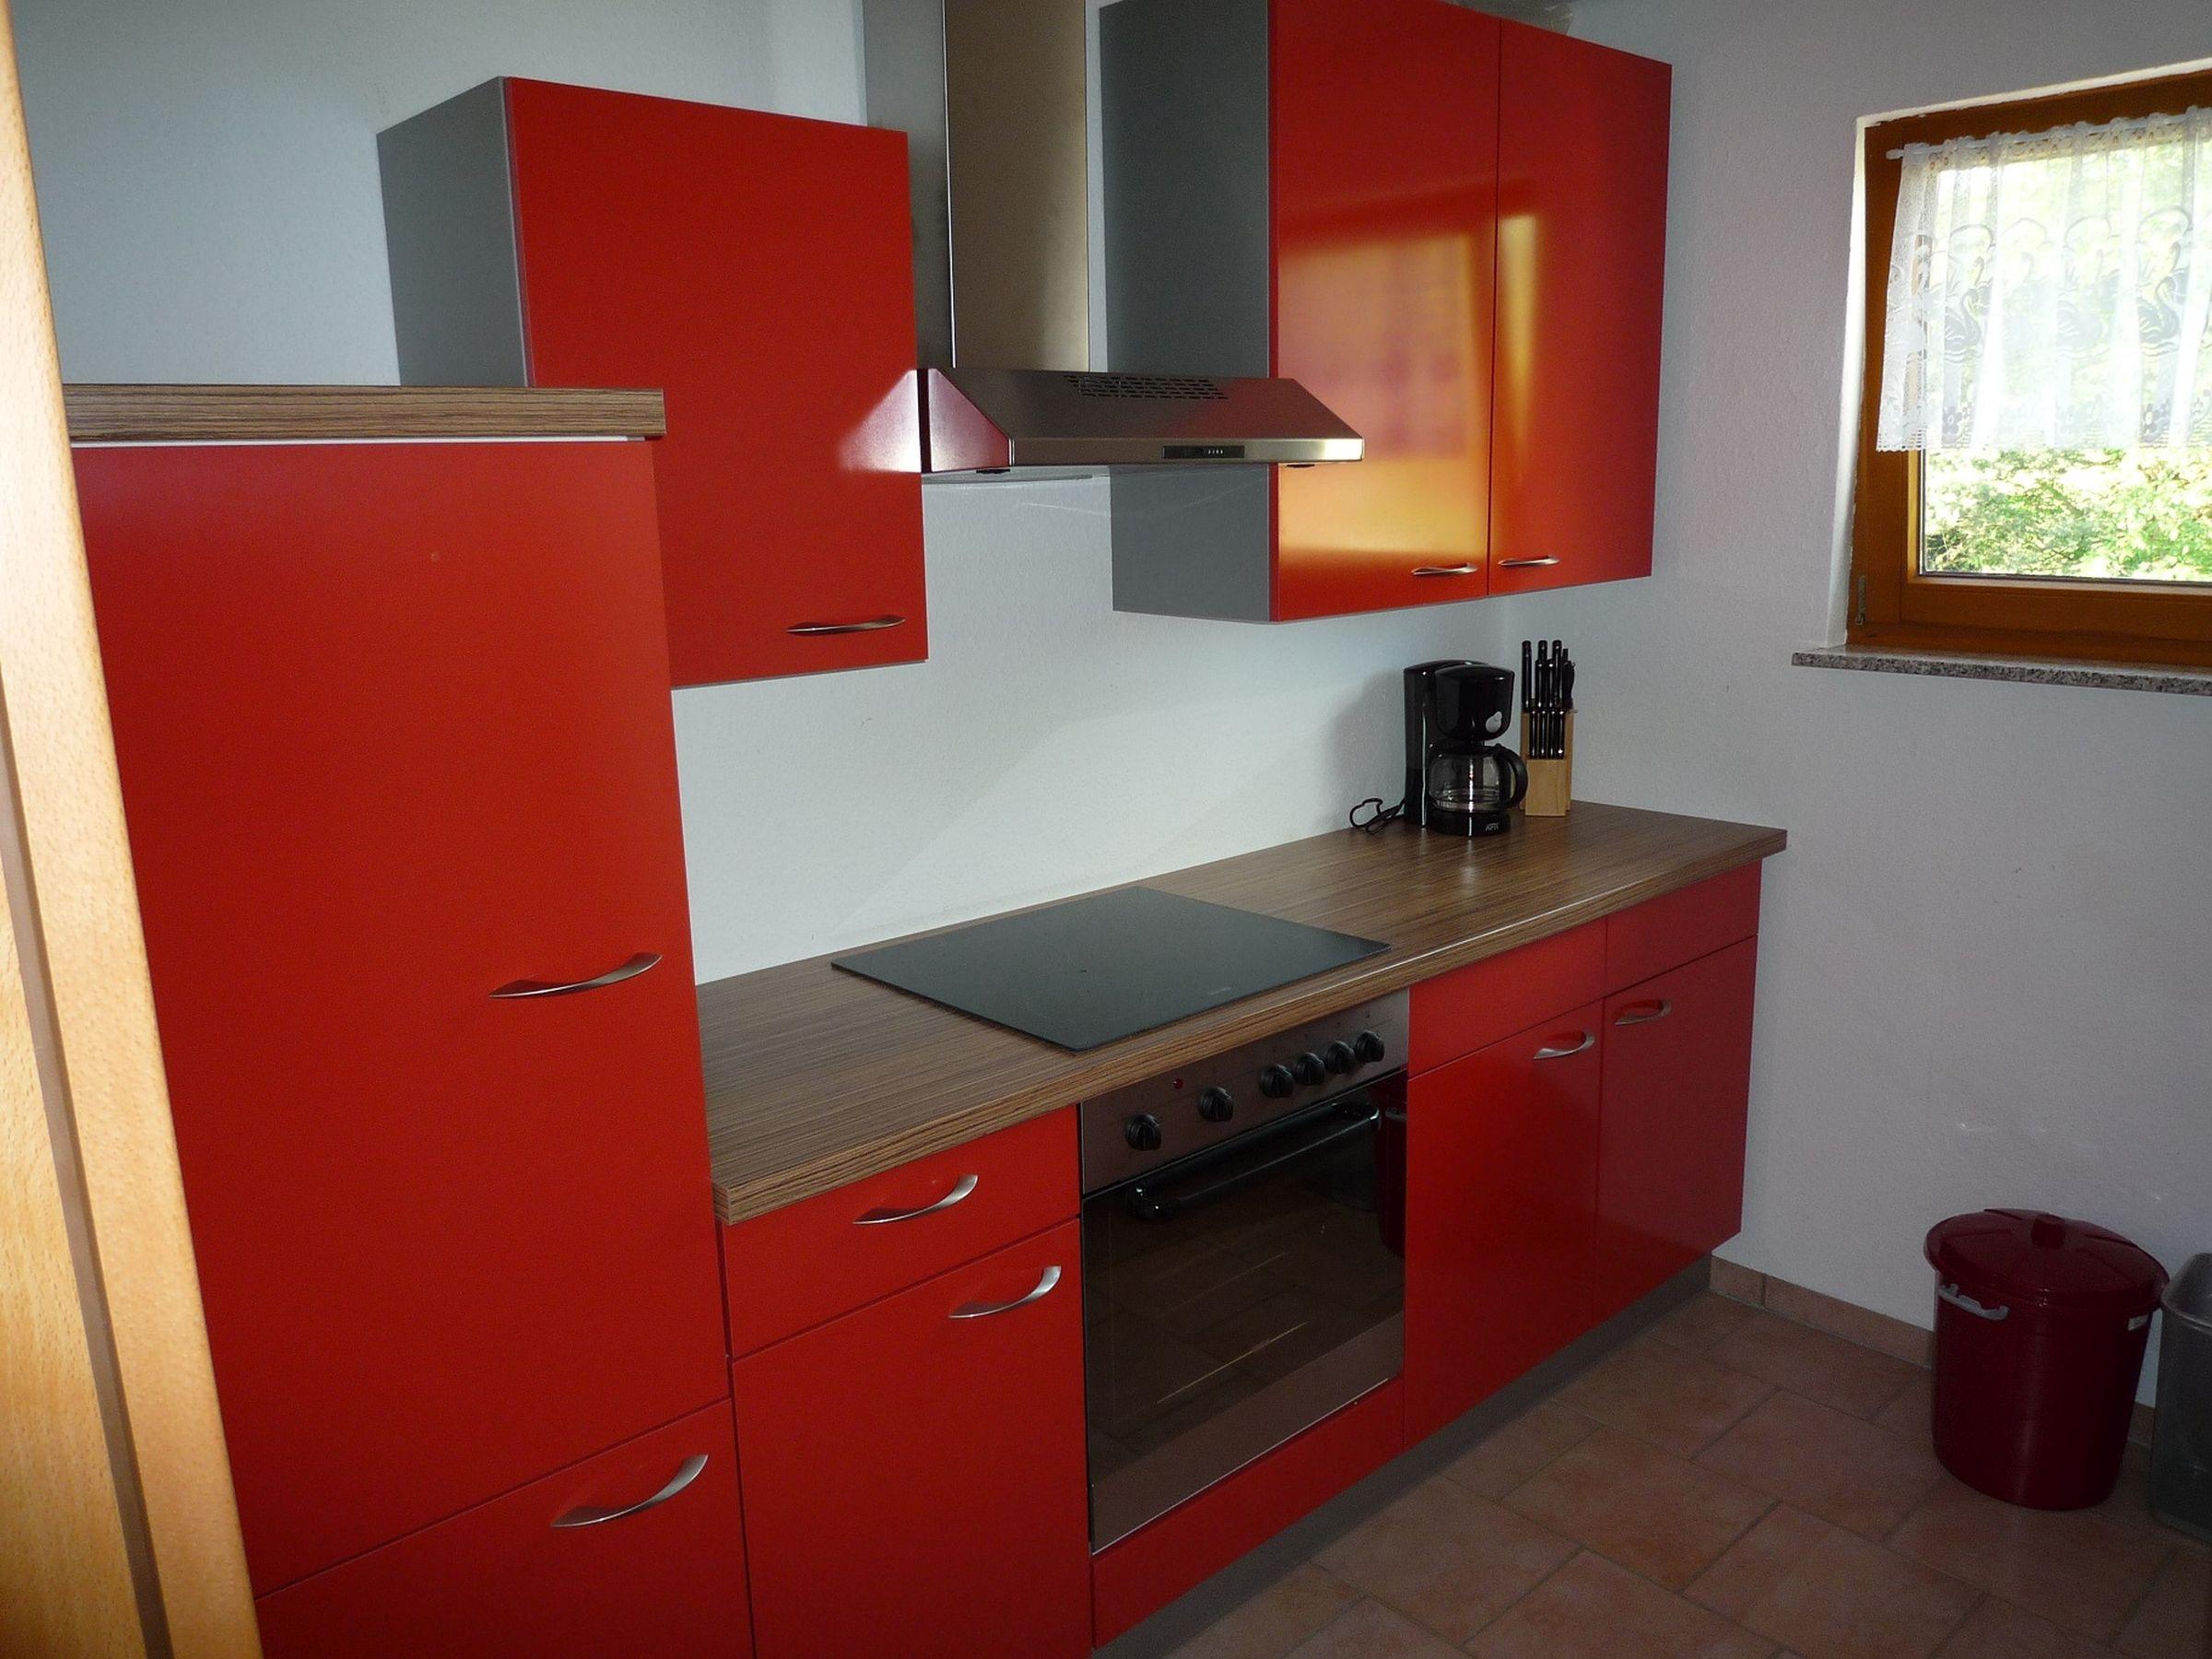 Villa Monte Rosa Haus Hirt Owingen Ferienwohnung 50qm 1 Wohn